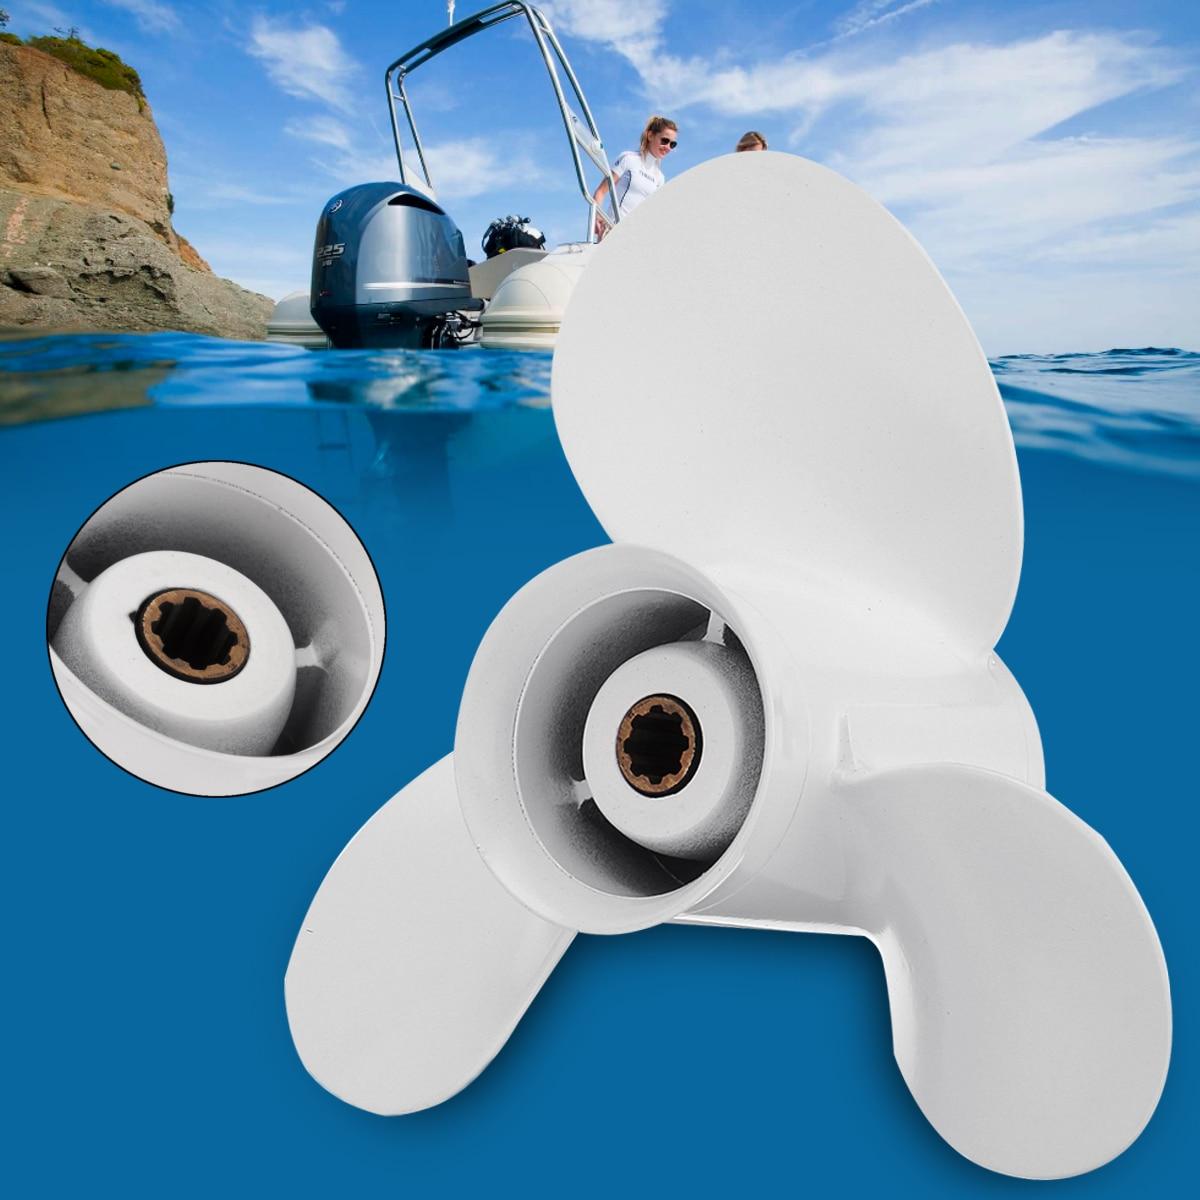 63V-45945-00-EL 9 1/4x10 лодка, подвесной винт для Yamaha 9,9-15HP Белый 3 лезвия Алюминий сплав 8 сплайн зуб R-вращение